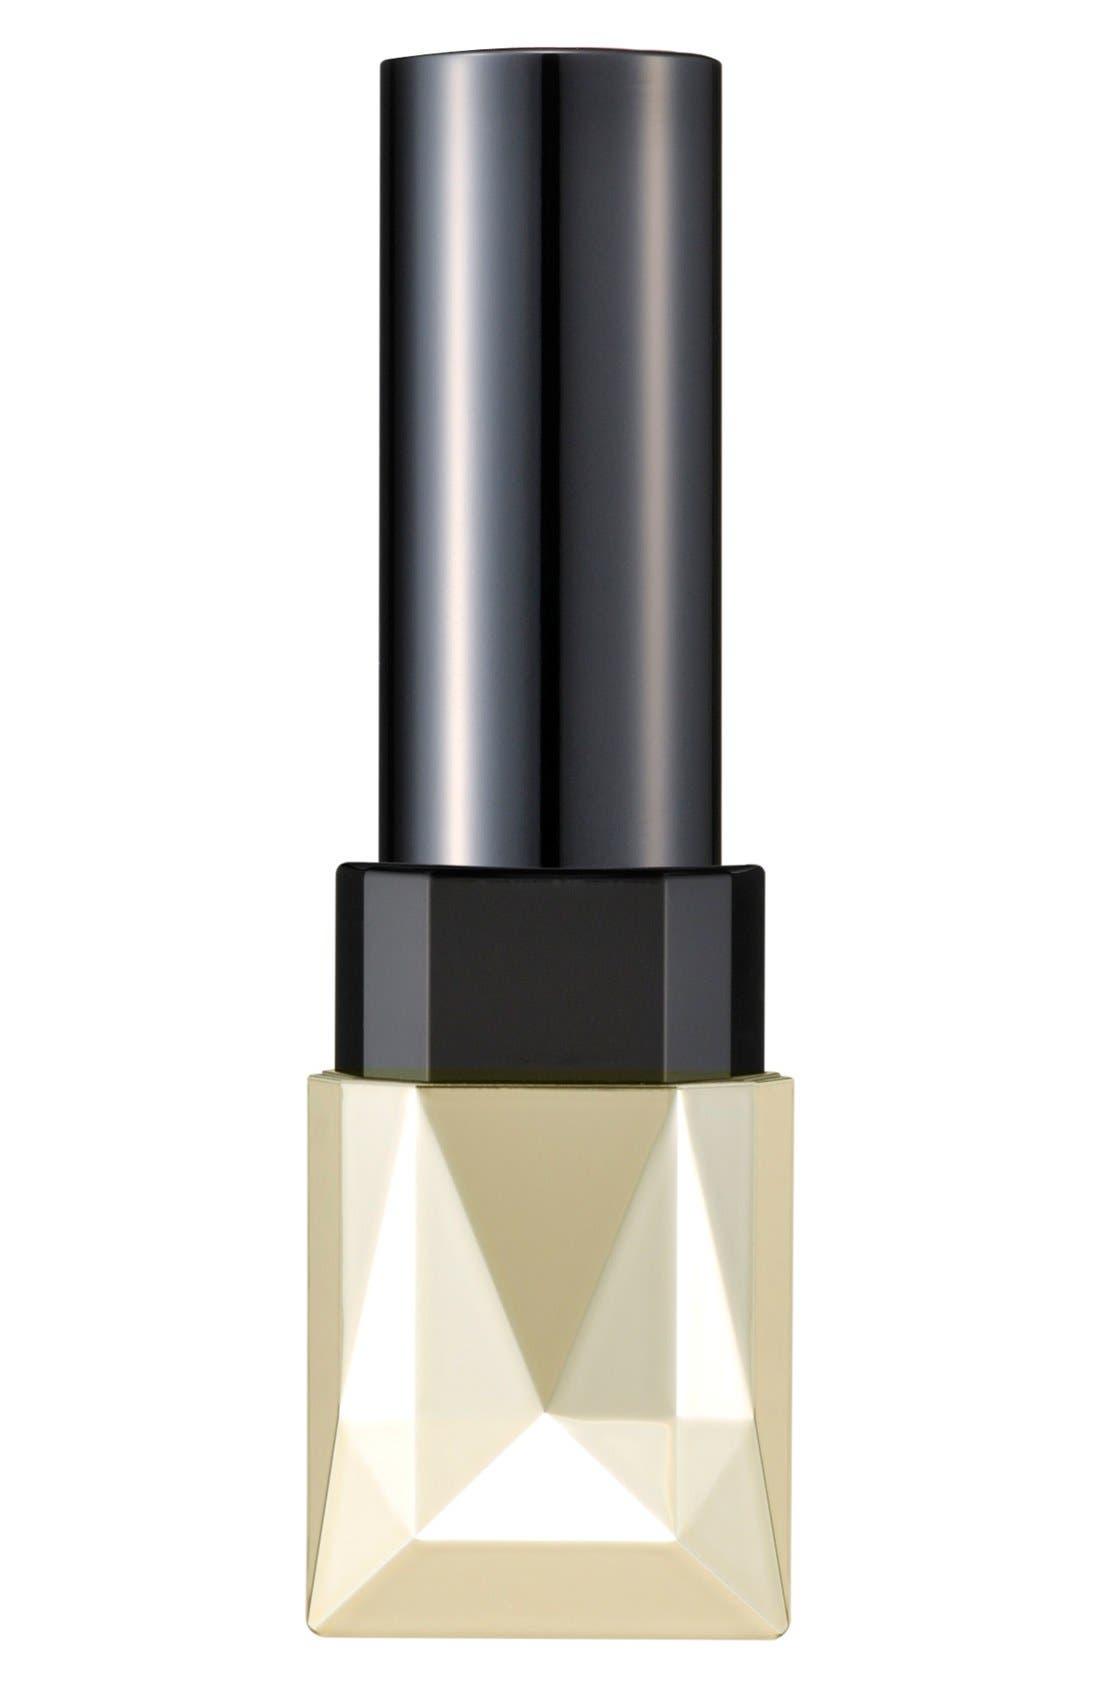 Clé de Peau Beauté 'Extra Rich' Lipstick Holder